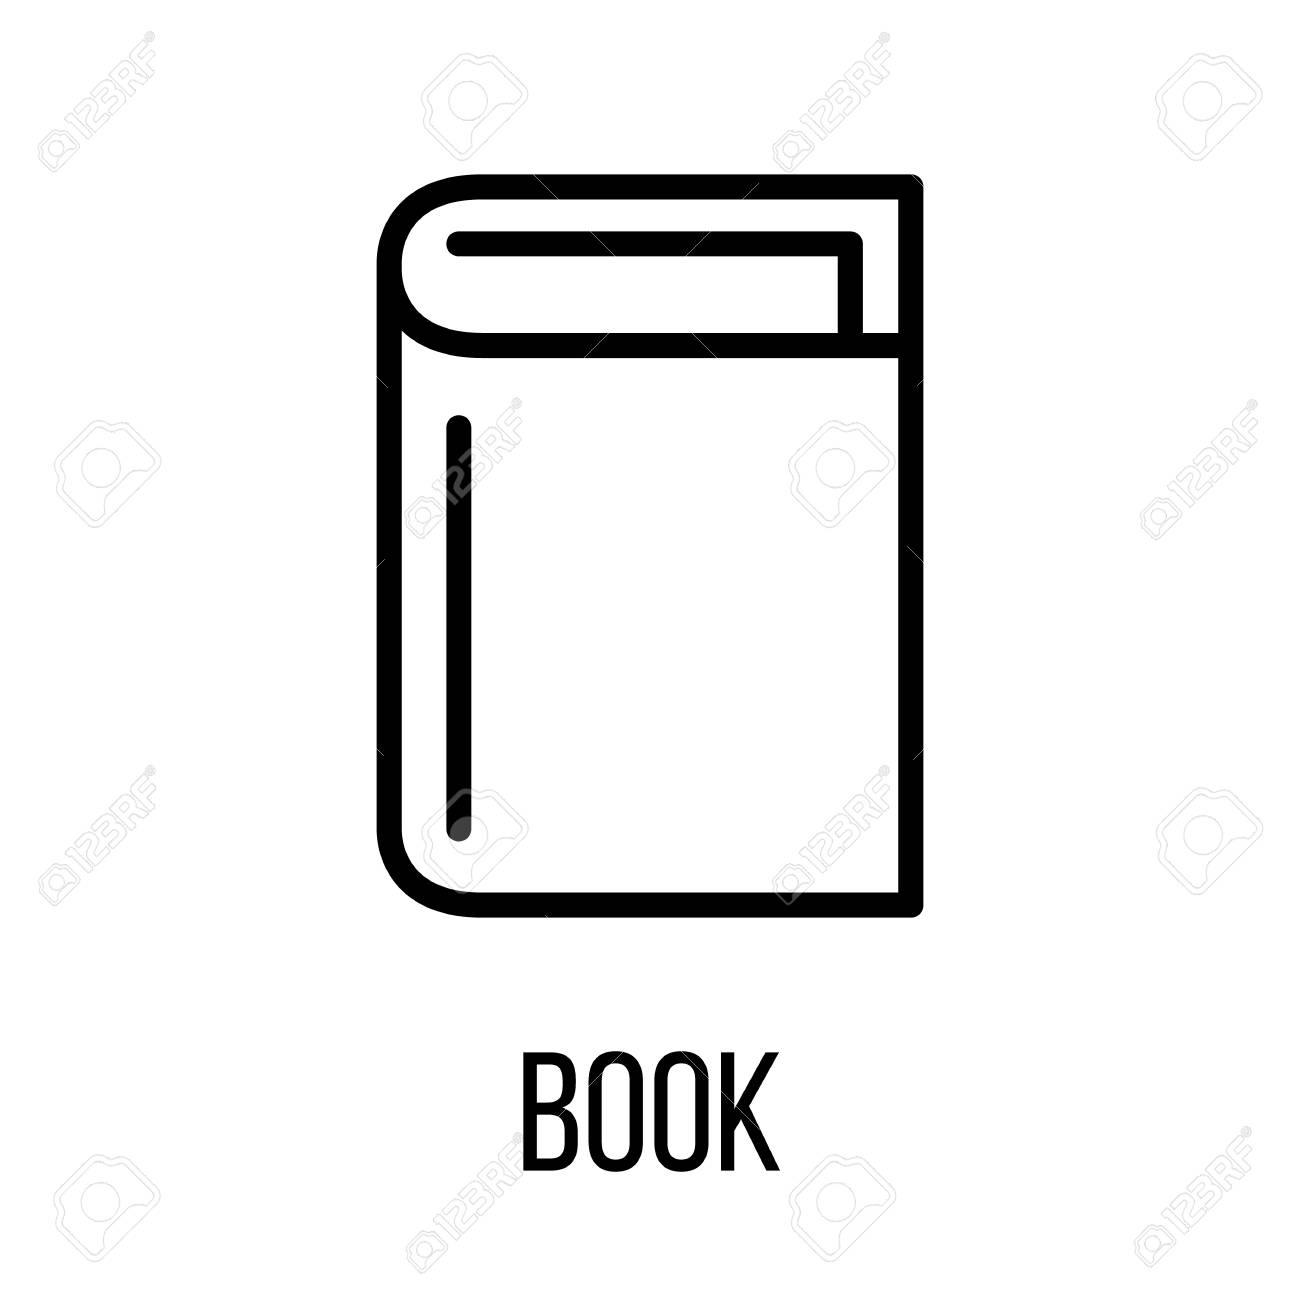 Icone De Livre Dans Le Style De Ligne Moderne Pictogramme De Contour Noir De Haute Qualite Pour La Conception De Sites Web Et Les Applications